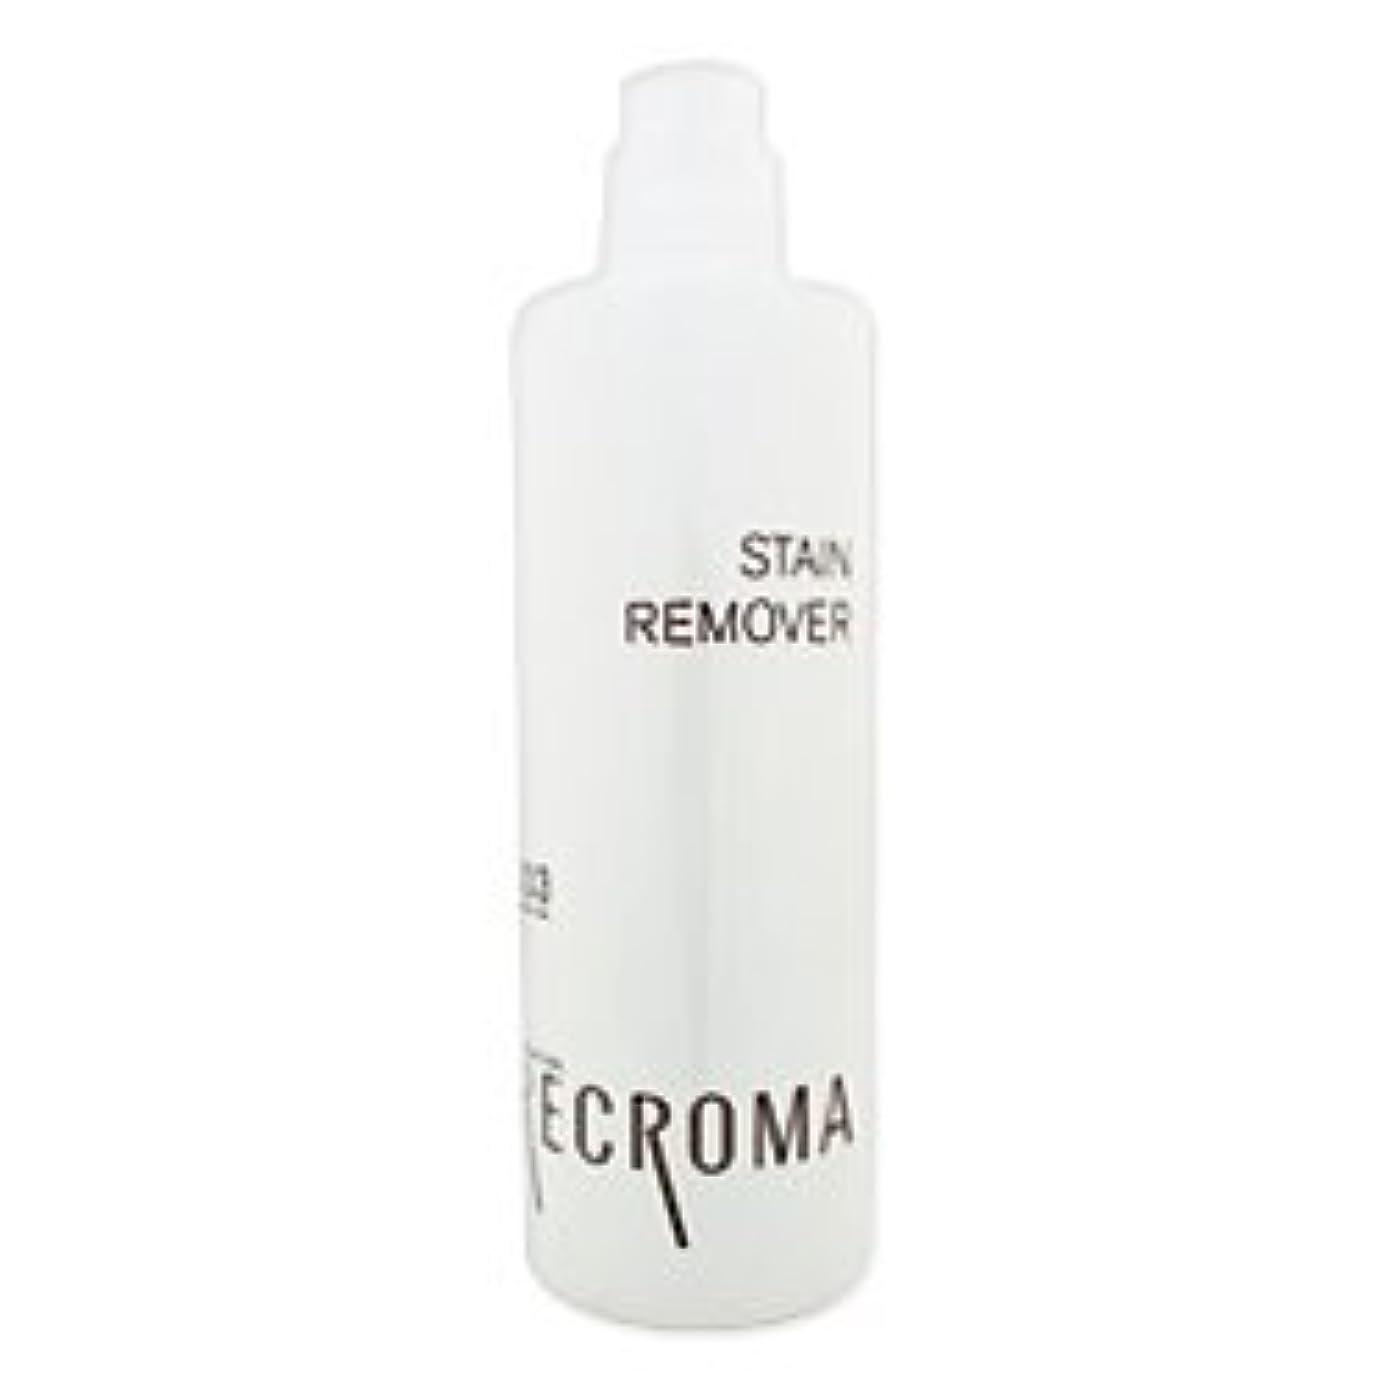 リングバック極小スティックナンバースリー リクロマ ステインリムーバー 拭き取り化粧水 300ml 【業務用】